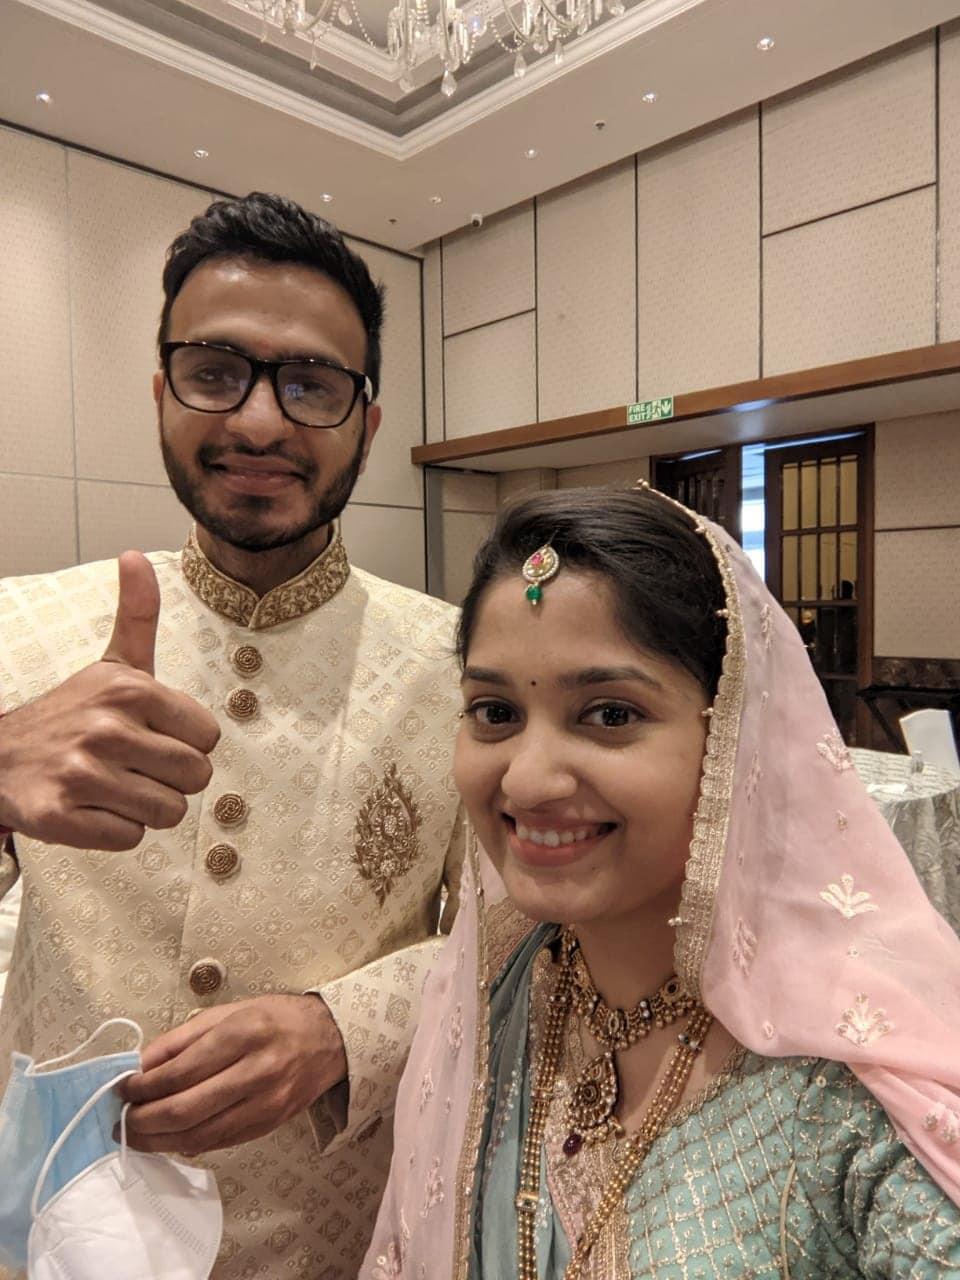 Mandi Wedding मंडी में शादी समारोह, Himachal corona Pandemic हिमाचल में कोरोना का कहर,Mandi corona cases मंडी में कोरोना की ताजा खबर